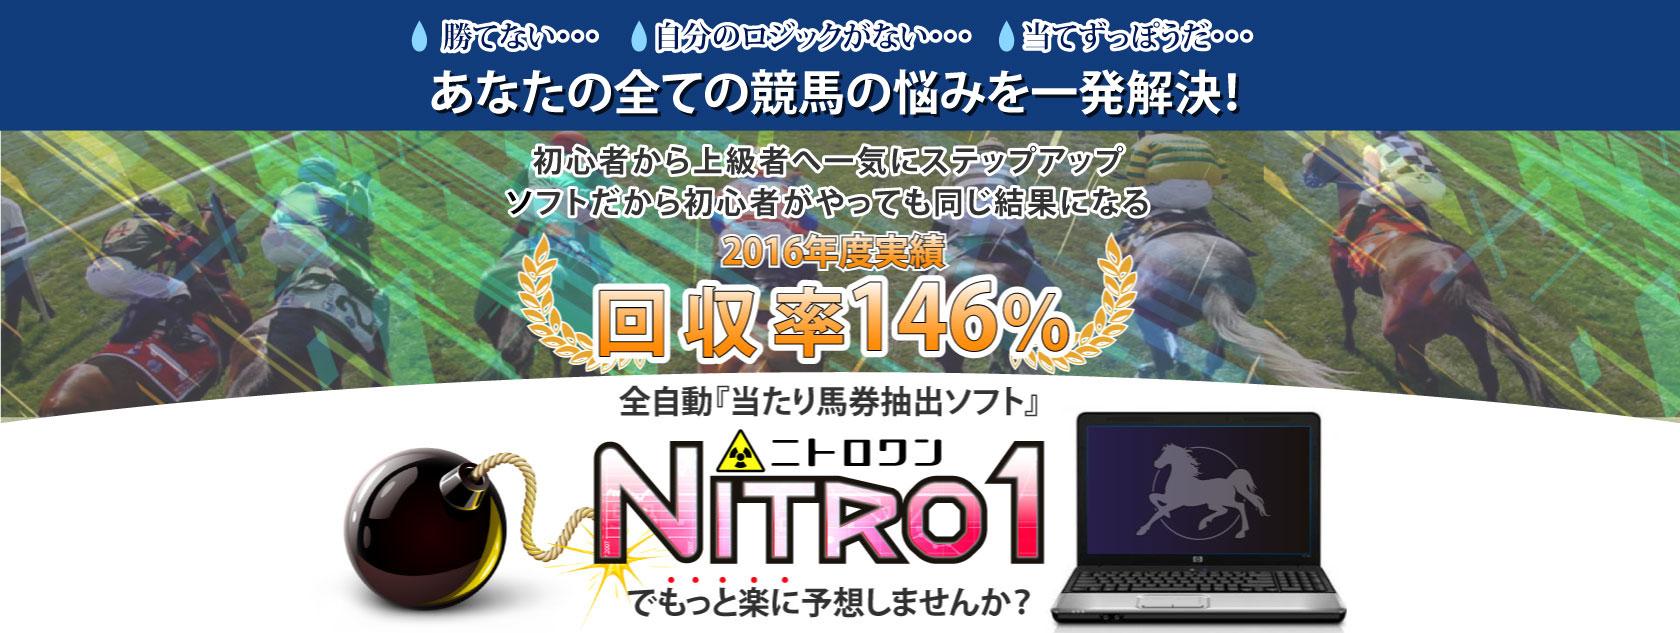 春のG1で絶好調の競馬予想ソフト「Nitro 1」